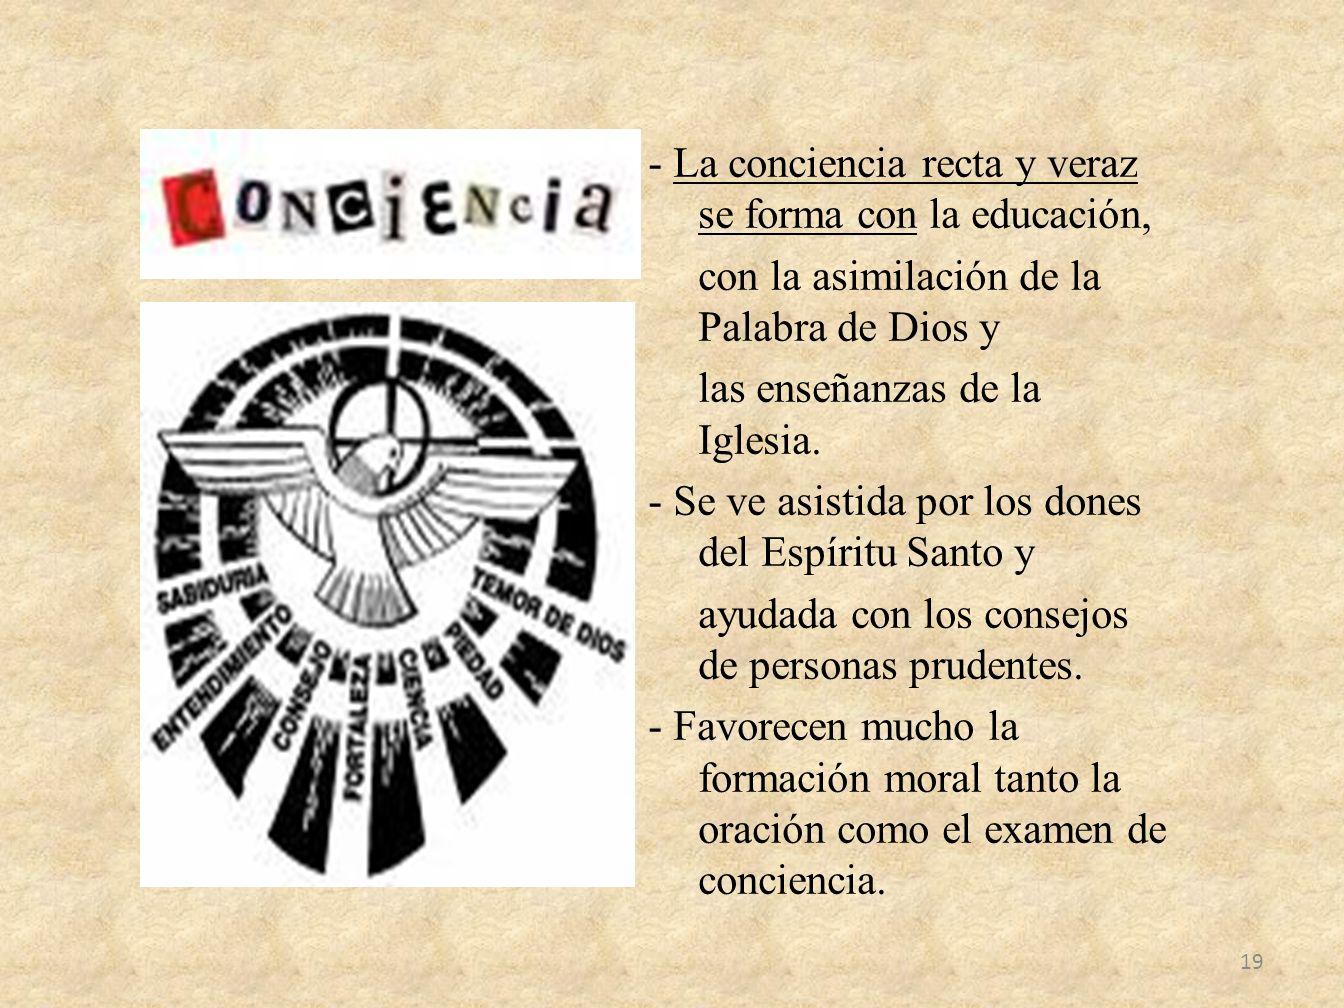 - La conciencia recta y veraz se forma con la educación, con la asimilación de la Palabra de Dios y las enseñanzas de la Iglesia. - Se ve asistida por